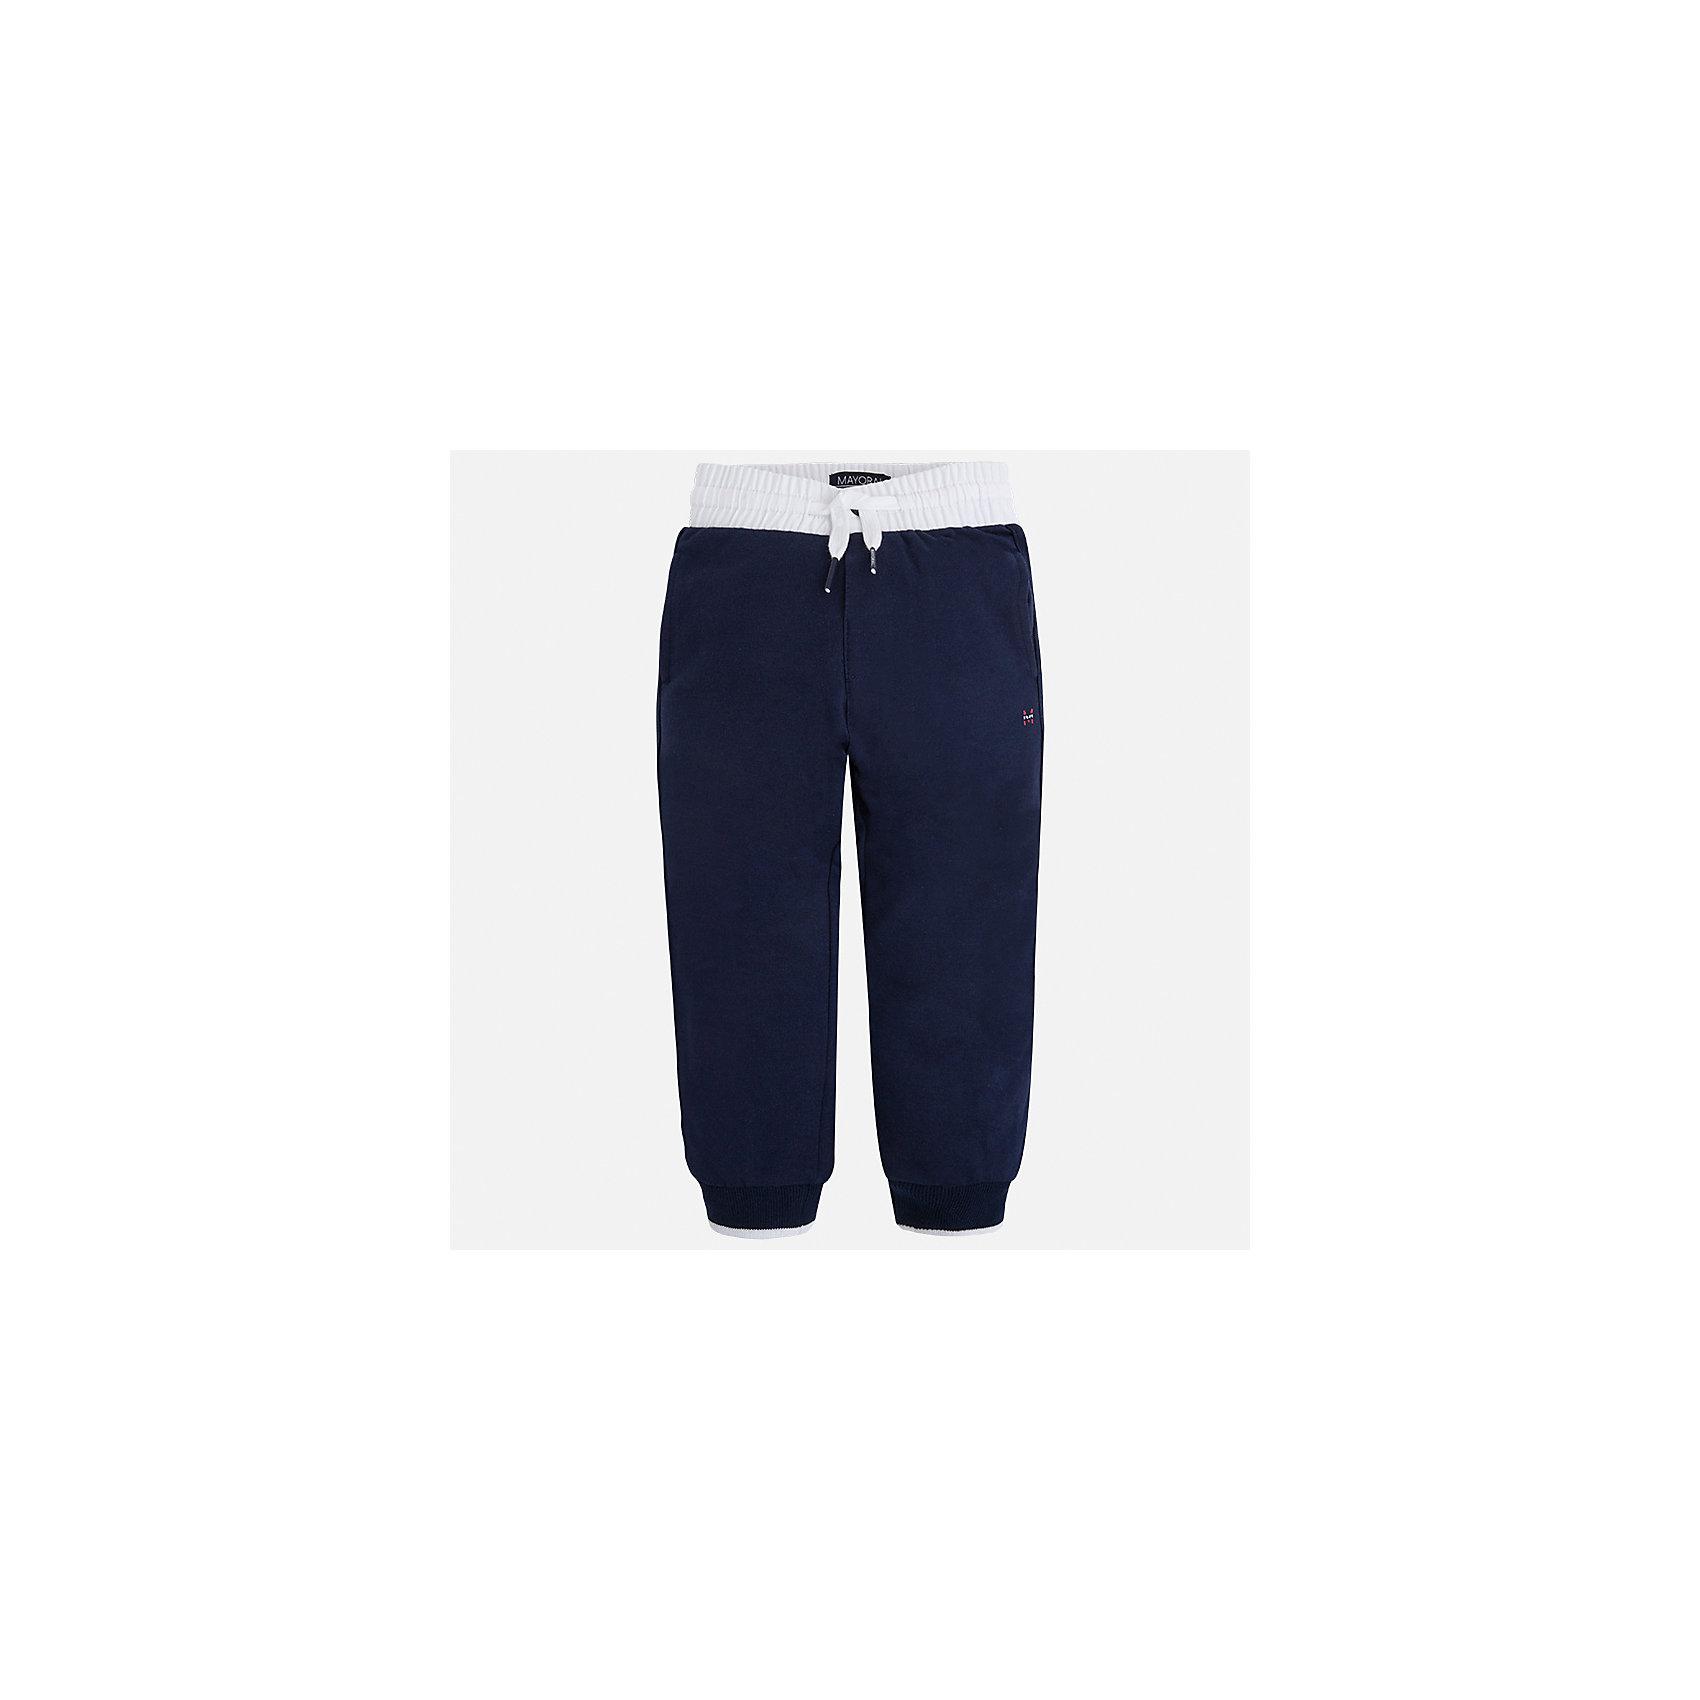 Брюки для мальчика MayoralШорты, бриджи, капри<br>Характеристики товара:<br><br>• цвет: синий<br>• состав: 60% хлопок, 40% полиэстер<br>• манжеты<br>• карманы<br>• пояс - широкая резинка и шнурок<br>• страна бренда: Испания<br><br>Спортивные брюки для мальчика помогут обеспечить ребенку комфорт. Они отлично сочетаются с майками, футболками, куртками и т.д. Универсальный крой и цвет позволяет подобрать к вещи верх разных расцветок. Практичное и стильное изделие! В составе материала - натуральный хлопок, гипоаллергенный, приятный на ощупь, дышащий.<br><br>Одежда, обувь и аксессуары от испанского бренда Mayoral полюбились детям и взрослым по всему миру. Модели этой марки - стильные и удобные. Для их производства используются только безопасные, качественные материалы и фурнитура. Порадуйте ребенка модными и красивыми вещами от Mayoral! <br><br>Брюки для мальчика от испанского бренда Mayoral (Майорал) можно купить в нашем интернет-магазине.<br><br>Ширина мм: 215<br>Глубина мм: 88<br>Высота мм: 191<br>Вес г: 336<br>Цвет: синий<br>Возраст от месяцев: 24<br>Возраст до месяцев: 36<br>Пол: Мужской<br>Возраст: Детский<br>Размер: 92,122,104,116,134,128,110,98<br>SKU: 4071435